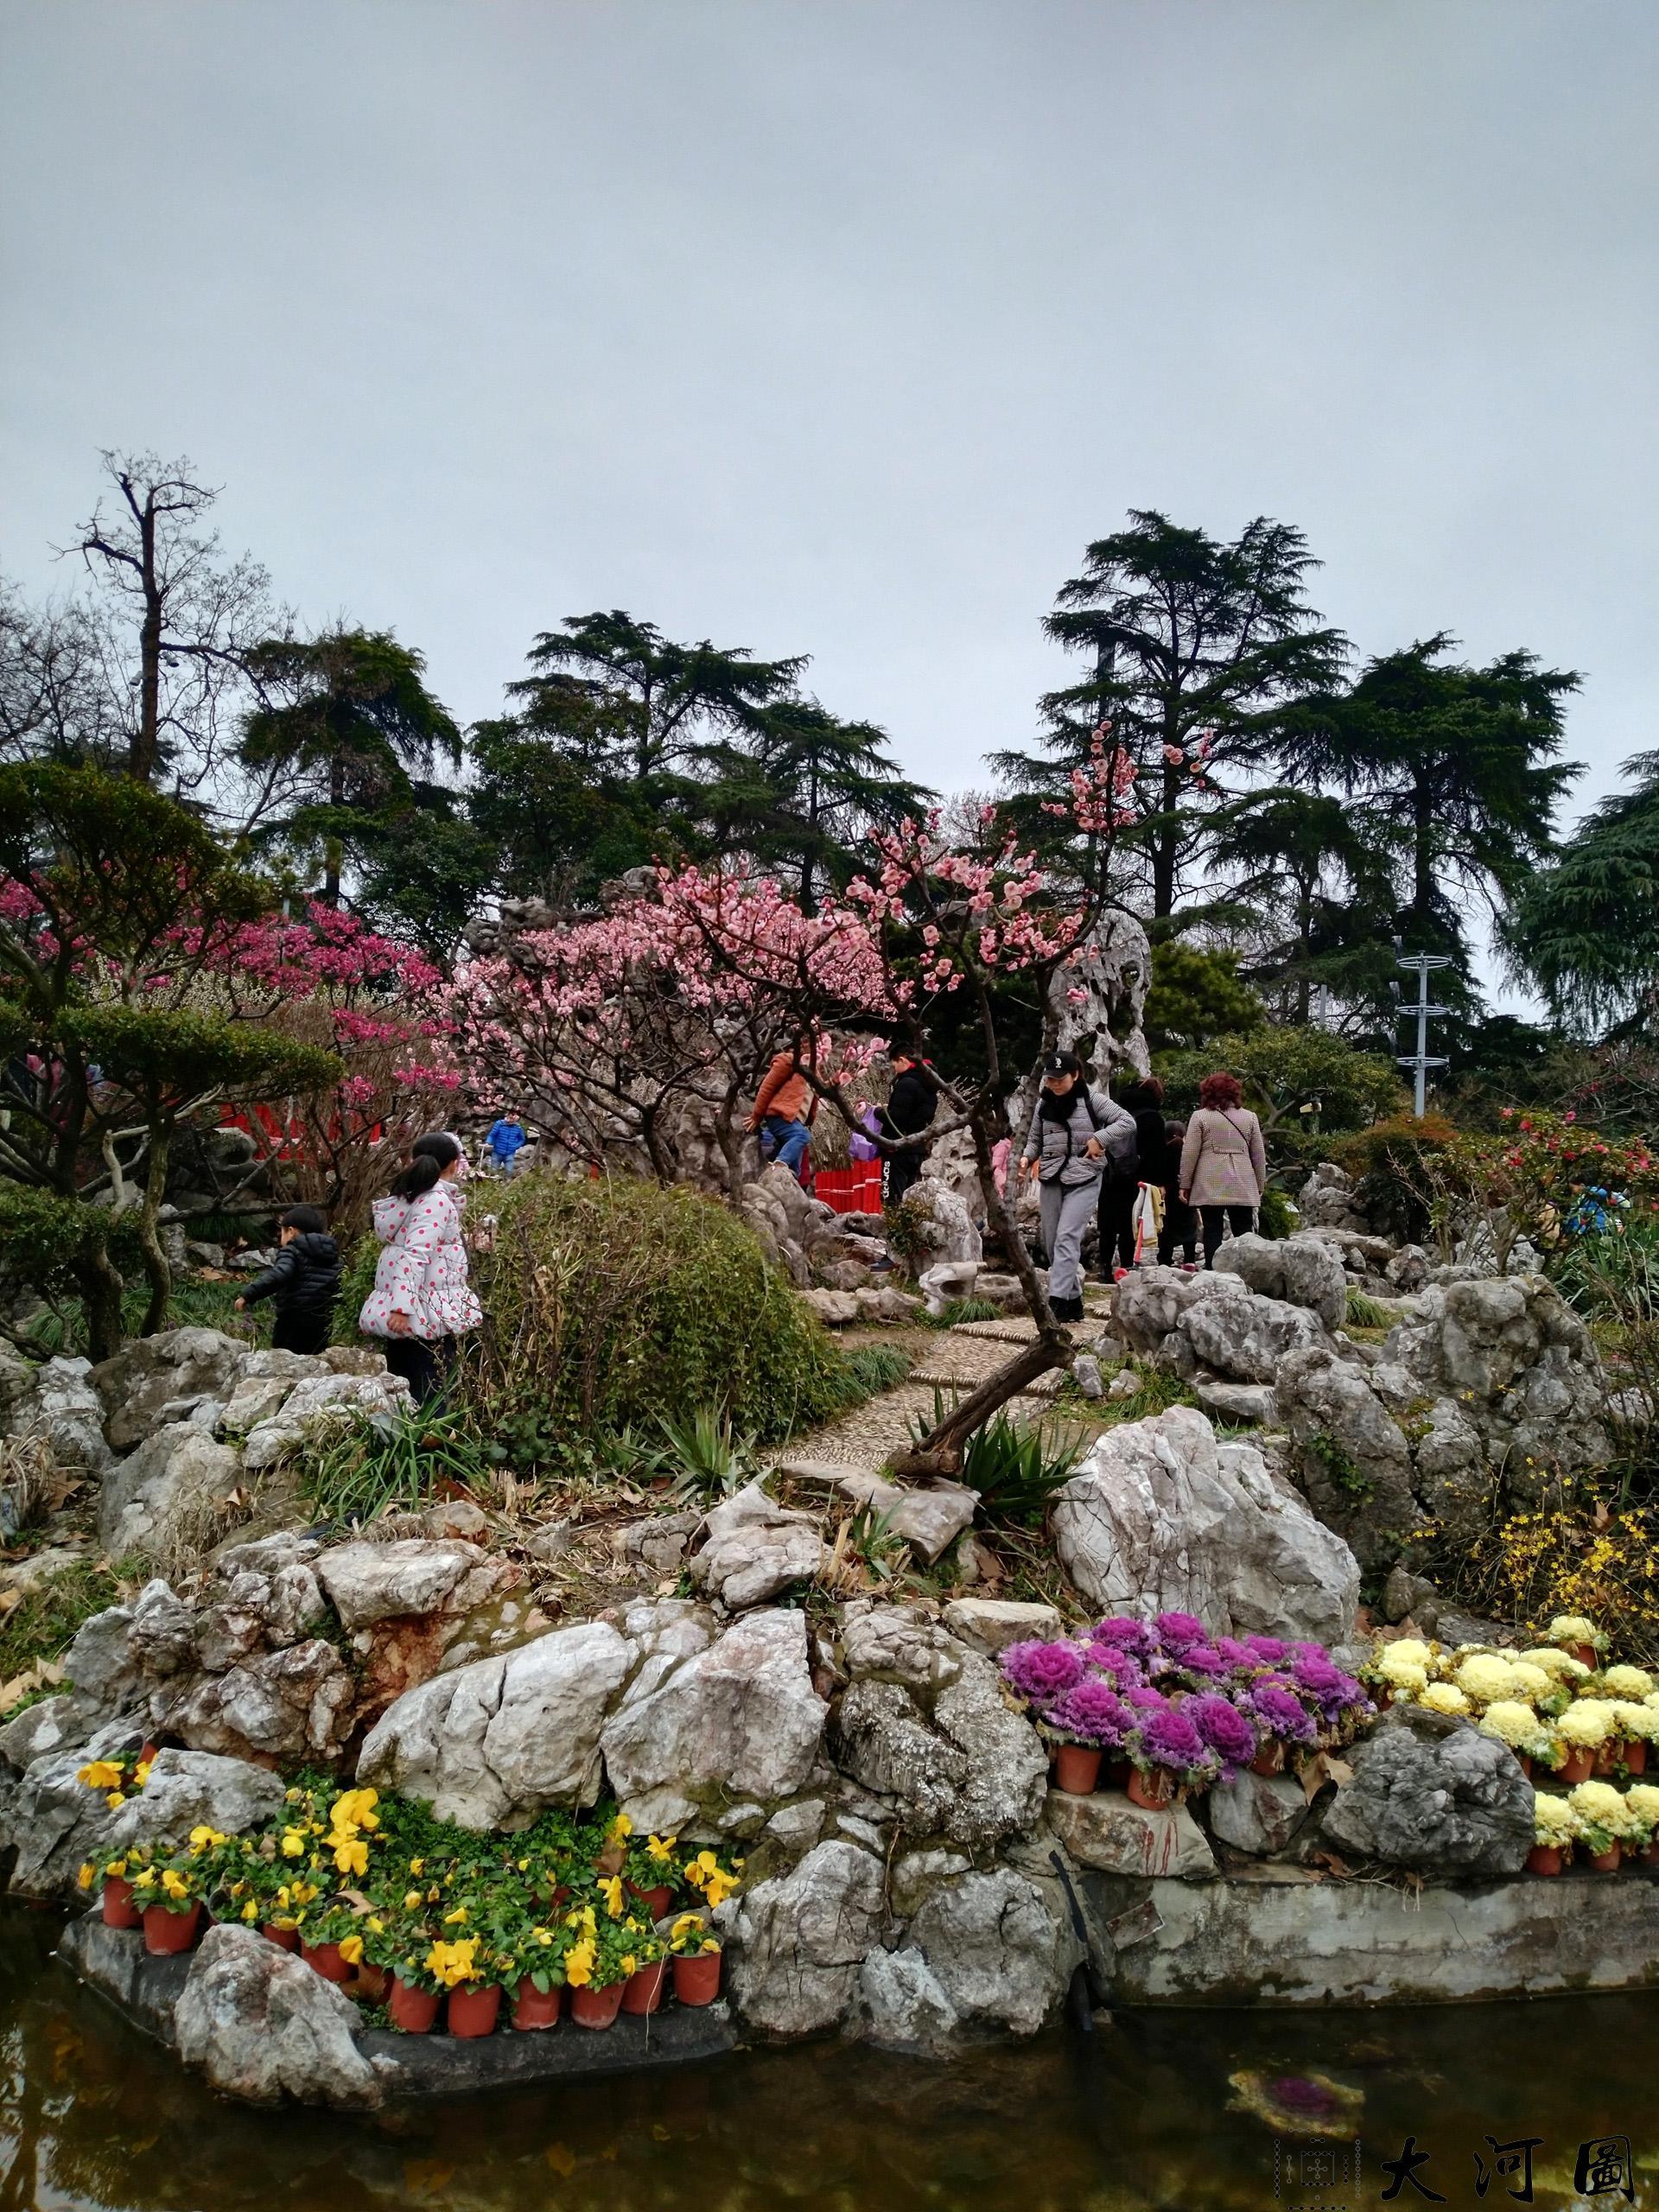 2019年3月的南京玄武湖公园之旅 摄影 第8张